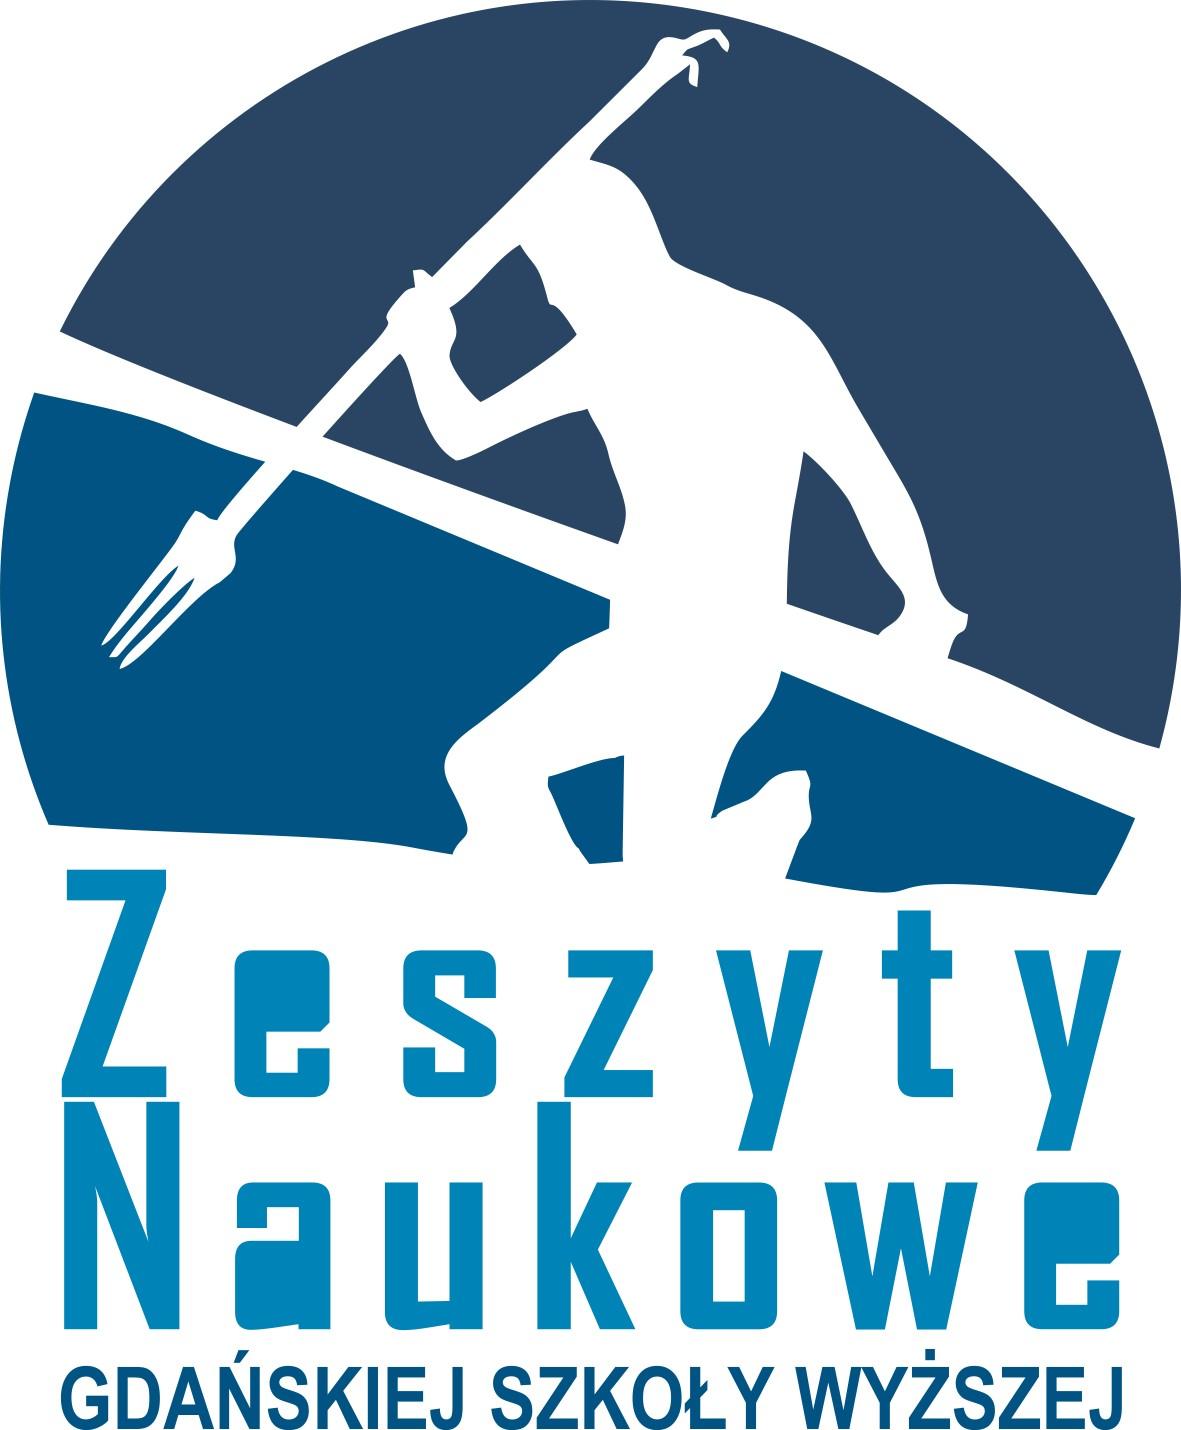 Logotyp Zeszytów Naukowych GSW